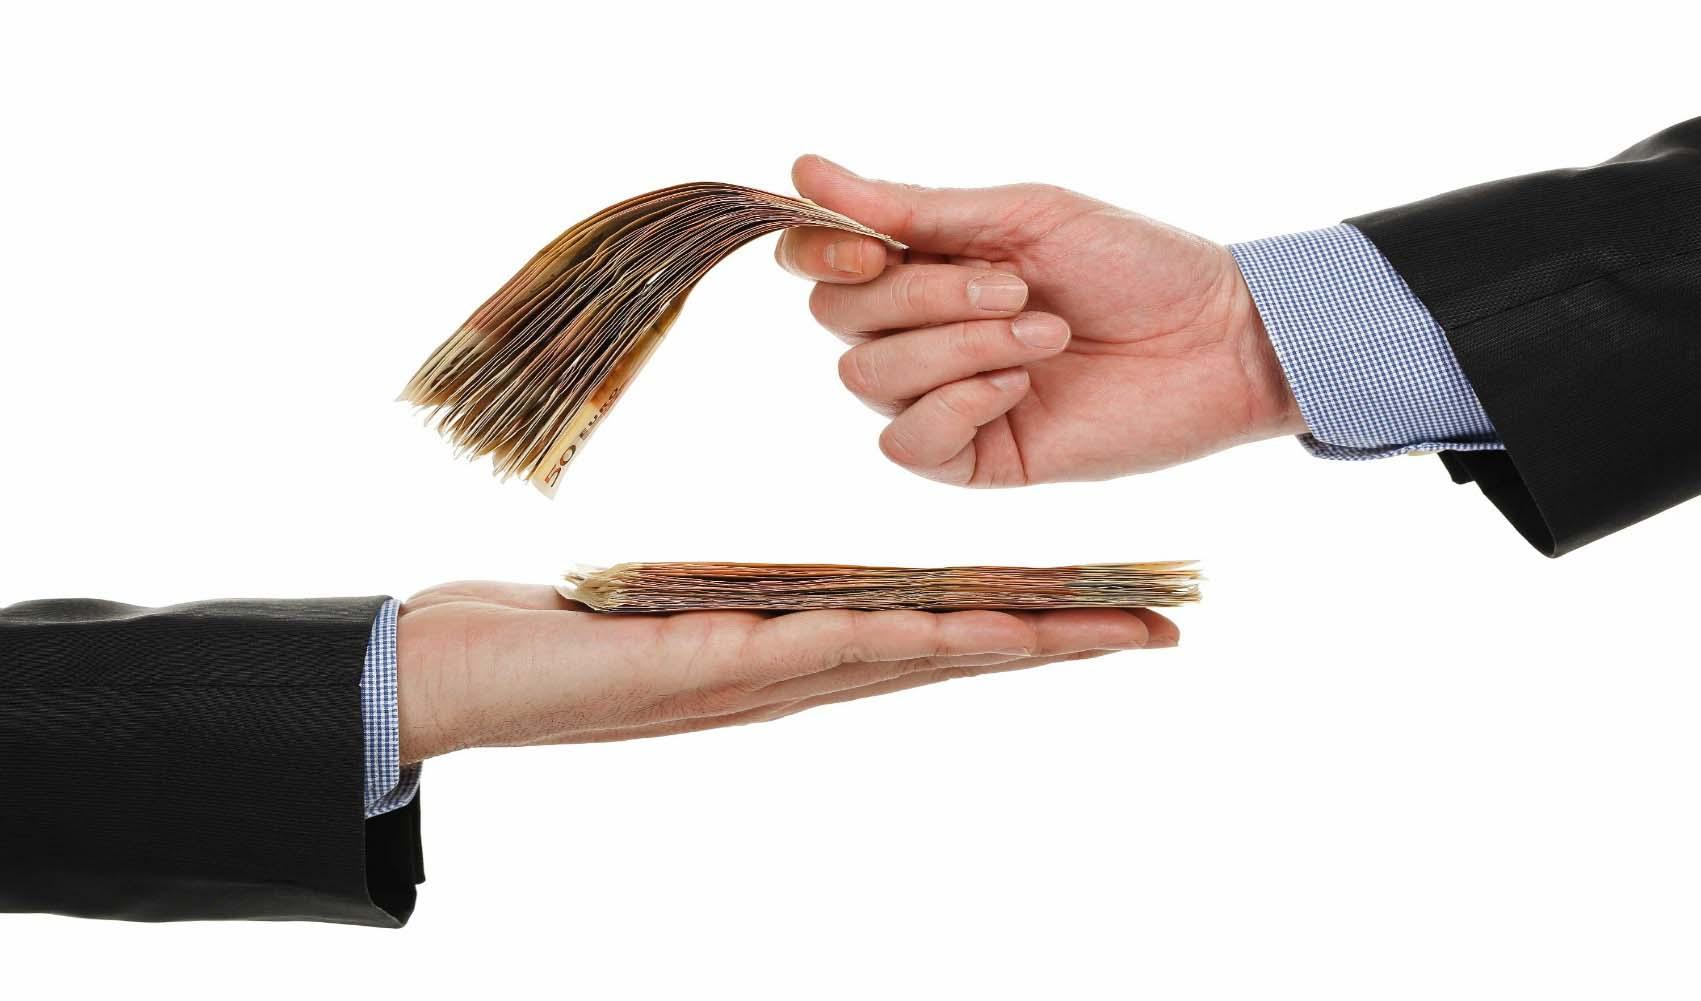 همسانسازی حقوق کارمندان با قراردادهای مختلف به دلیل بار مالی در شرایط فعلی امکانپذیر نیست